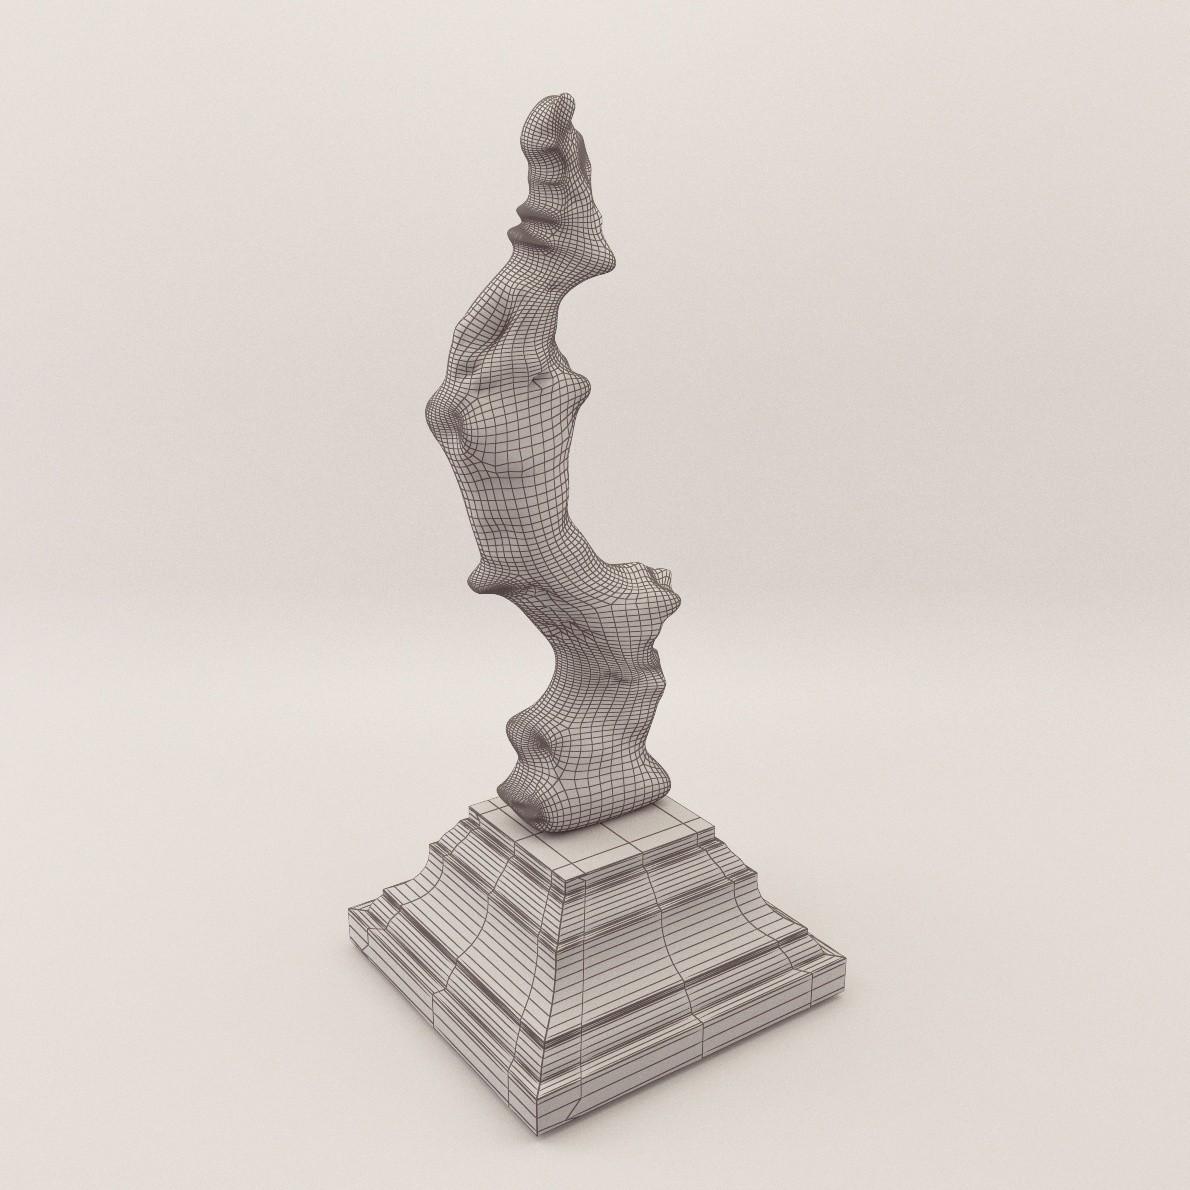 Sculpture Coral 3d Realistic Model Artium3d